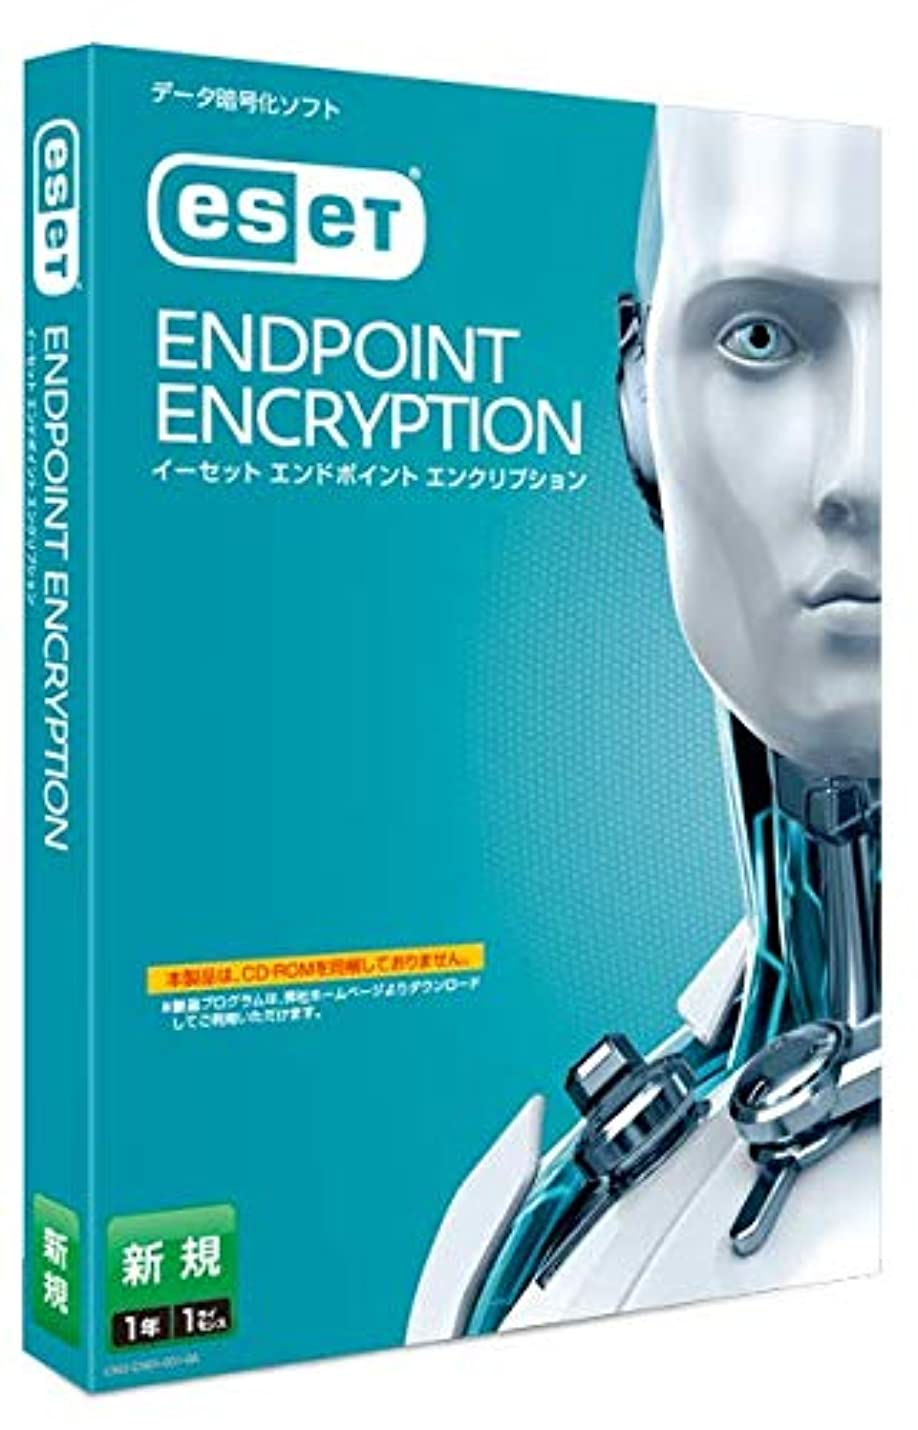 うなるピザ馬鹿げたESET Endpoint Encryption 新規|Windows対応